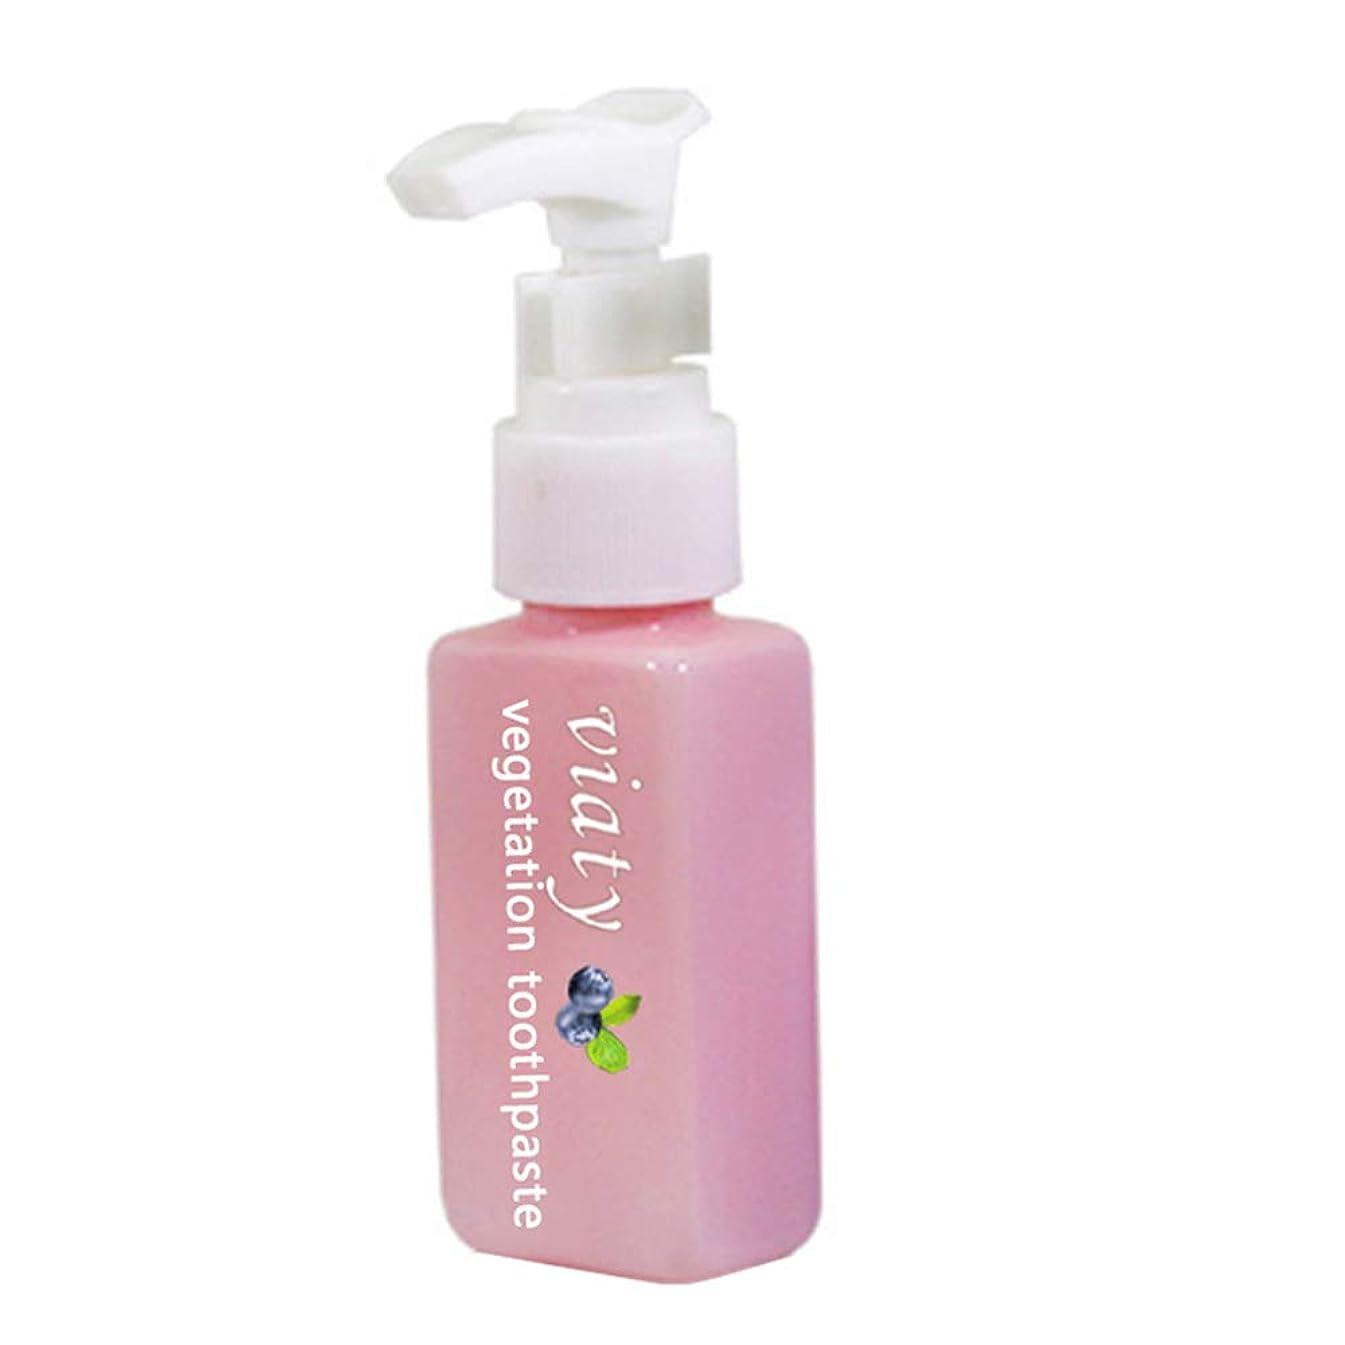 表現観察するさておきJuSop歯磨き粉アンチブリードガムプレスタイプ新鮮な歯磨き粉を白くする汚れ除去剤